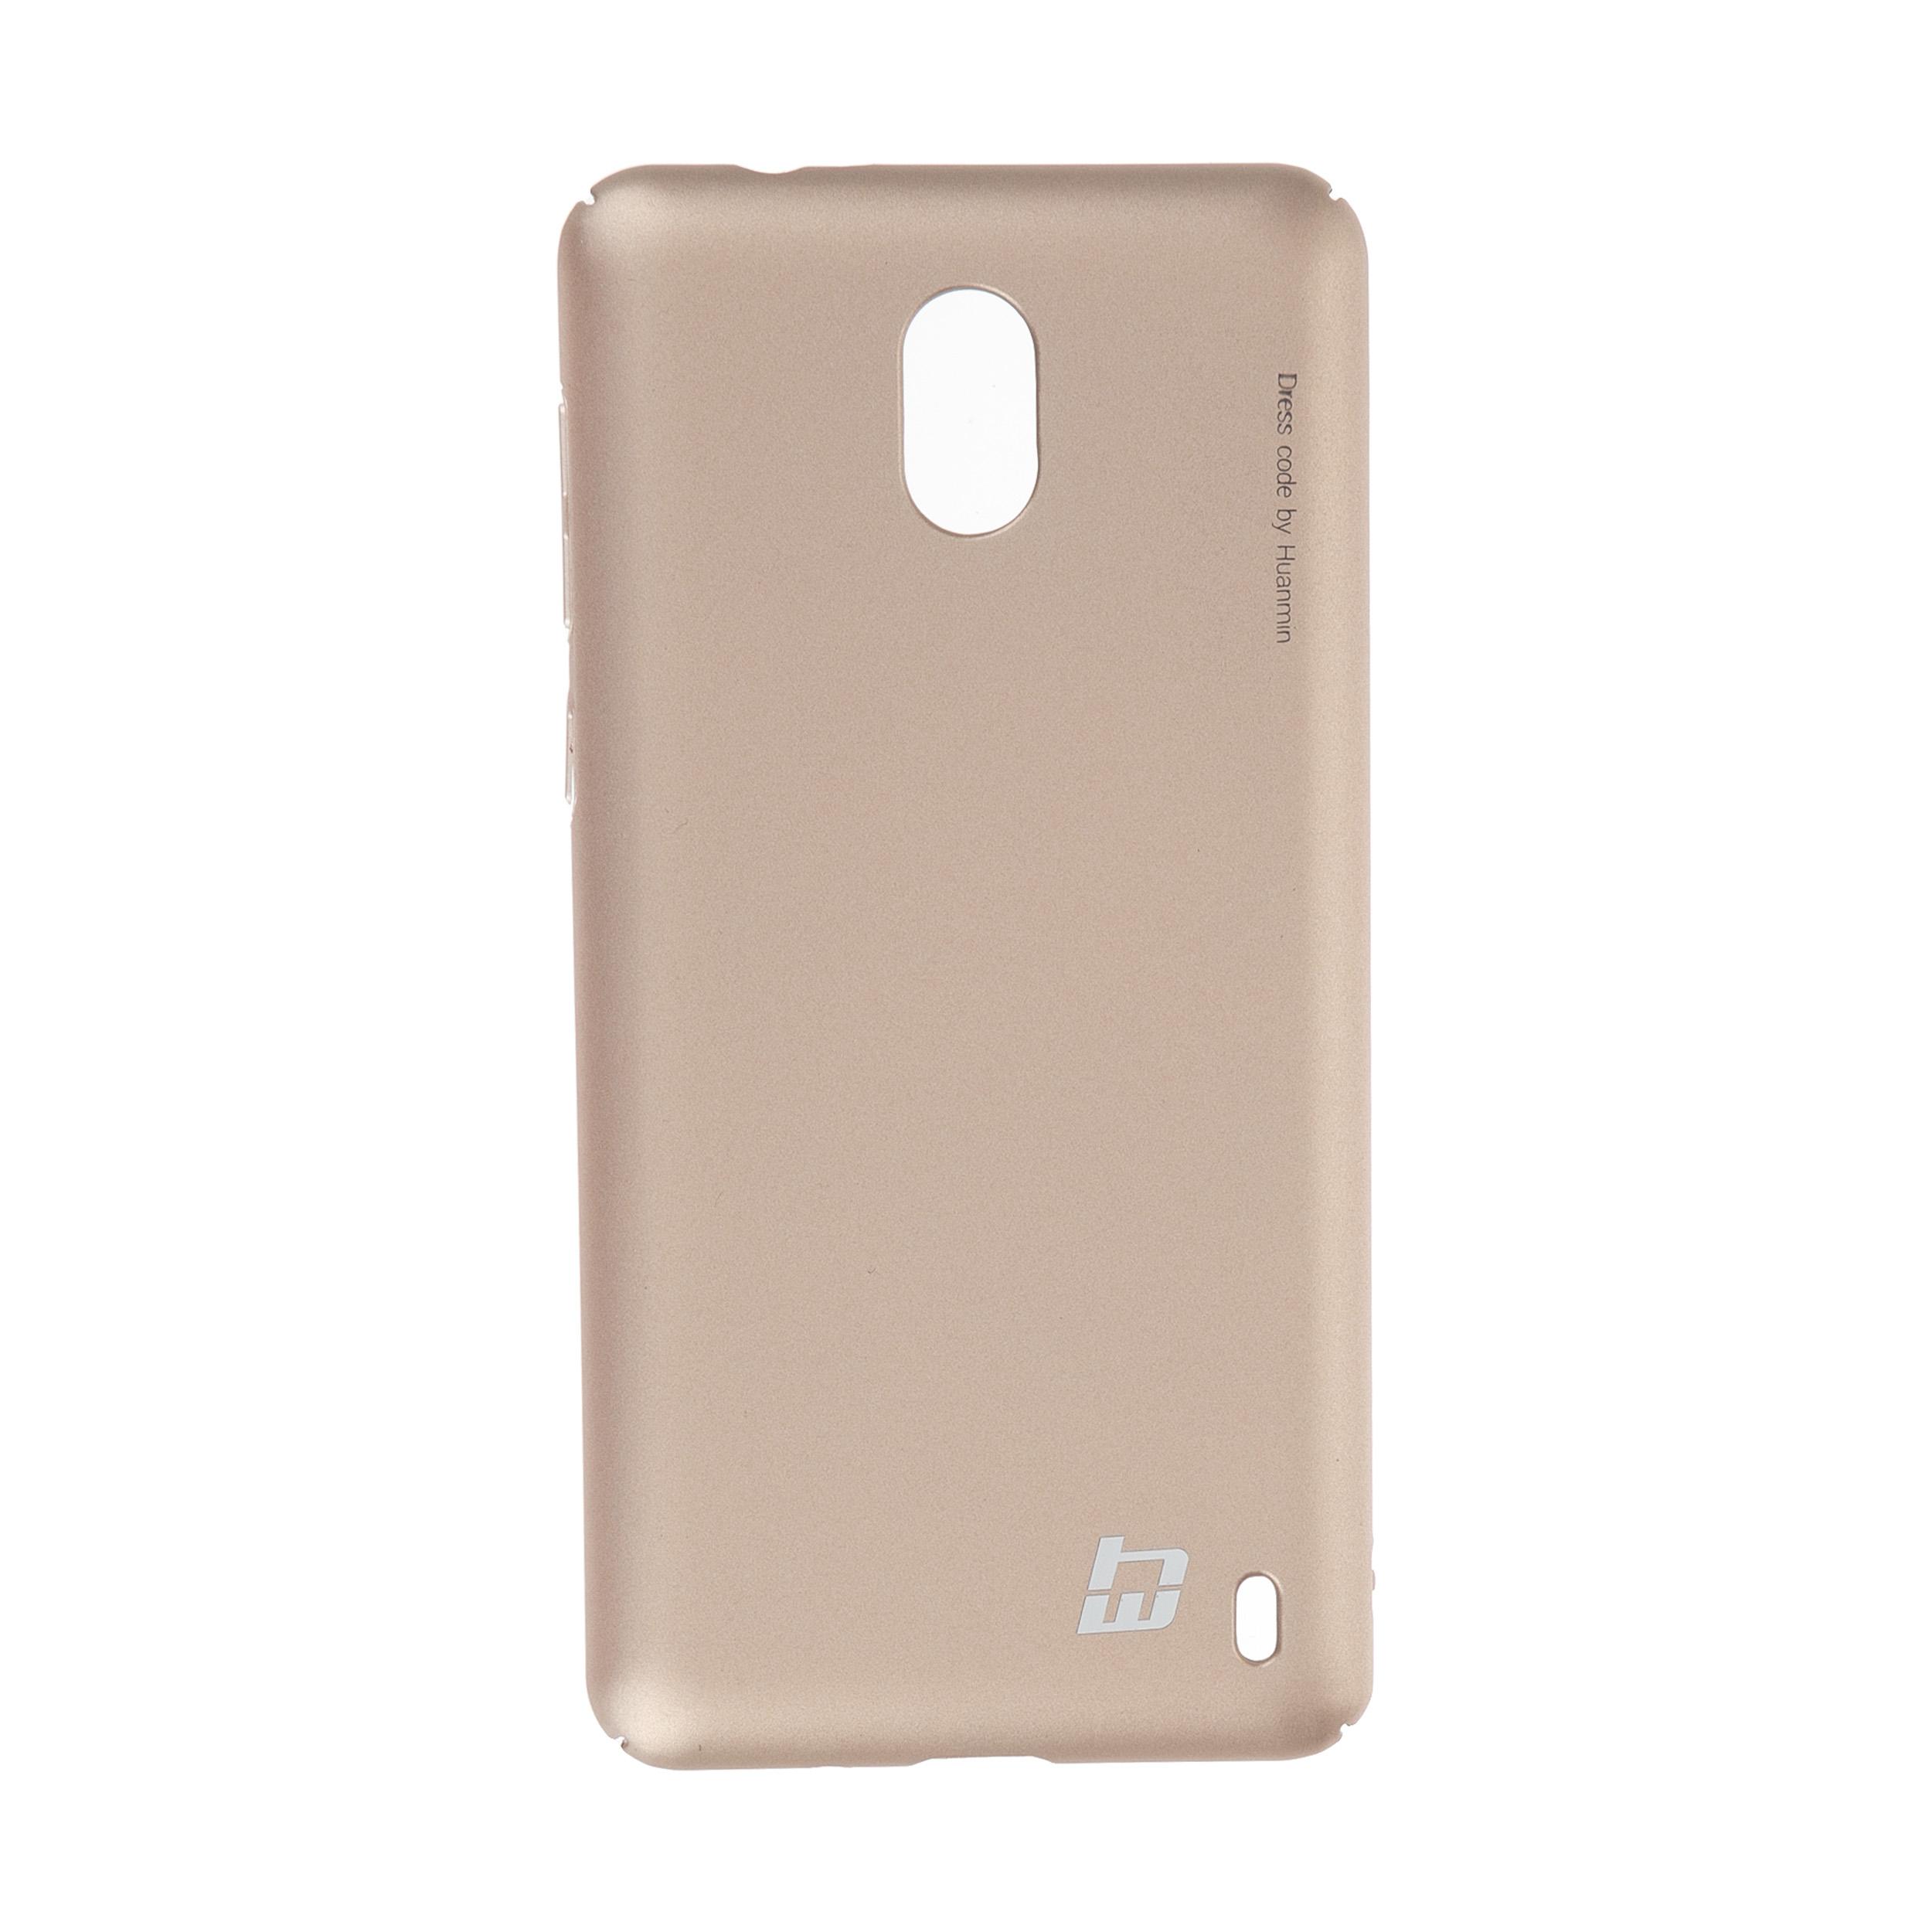 کاور هوآنمین مدل VEL مناسب برای گوشی موبایل نوکیا 2